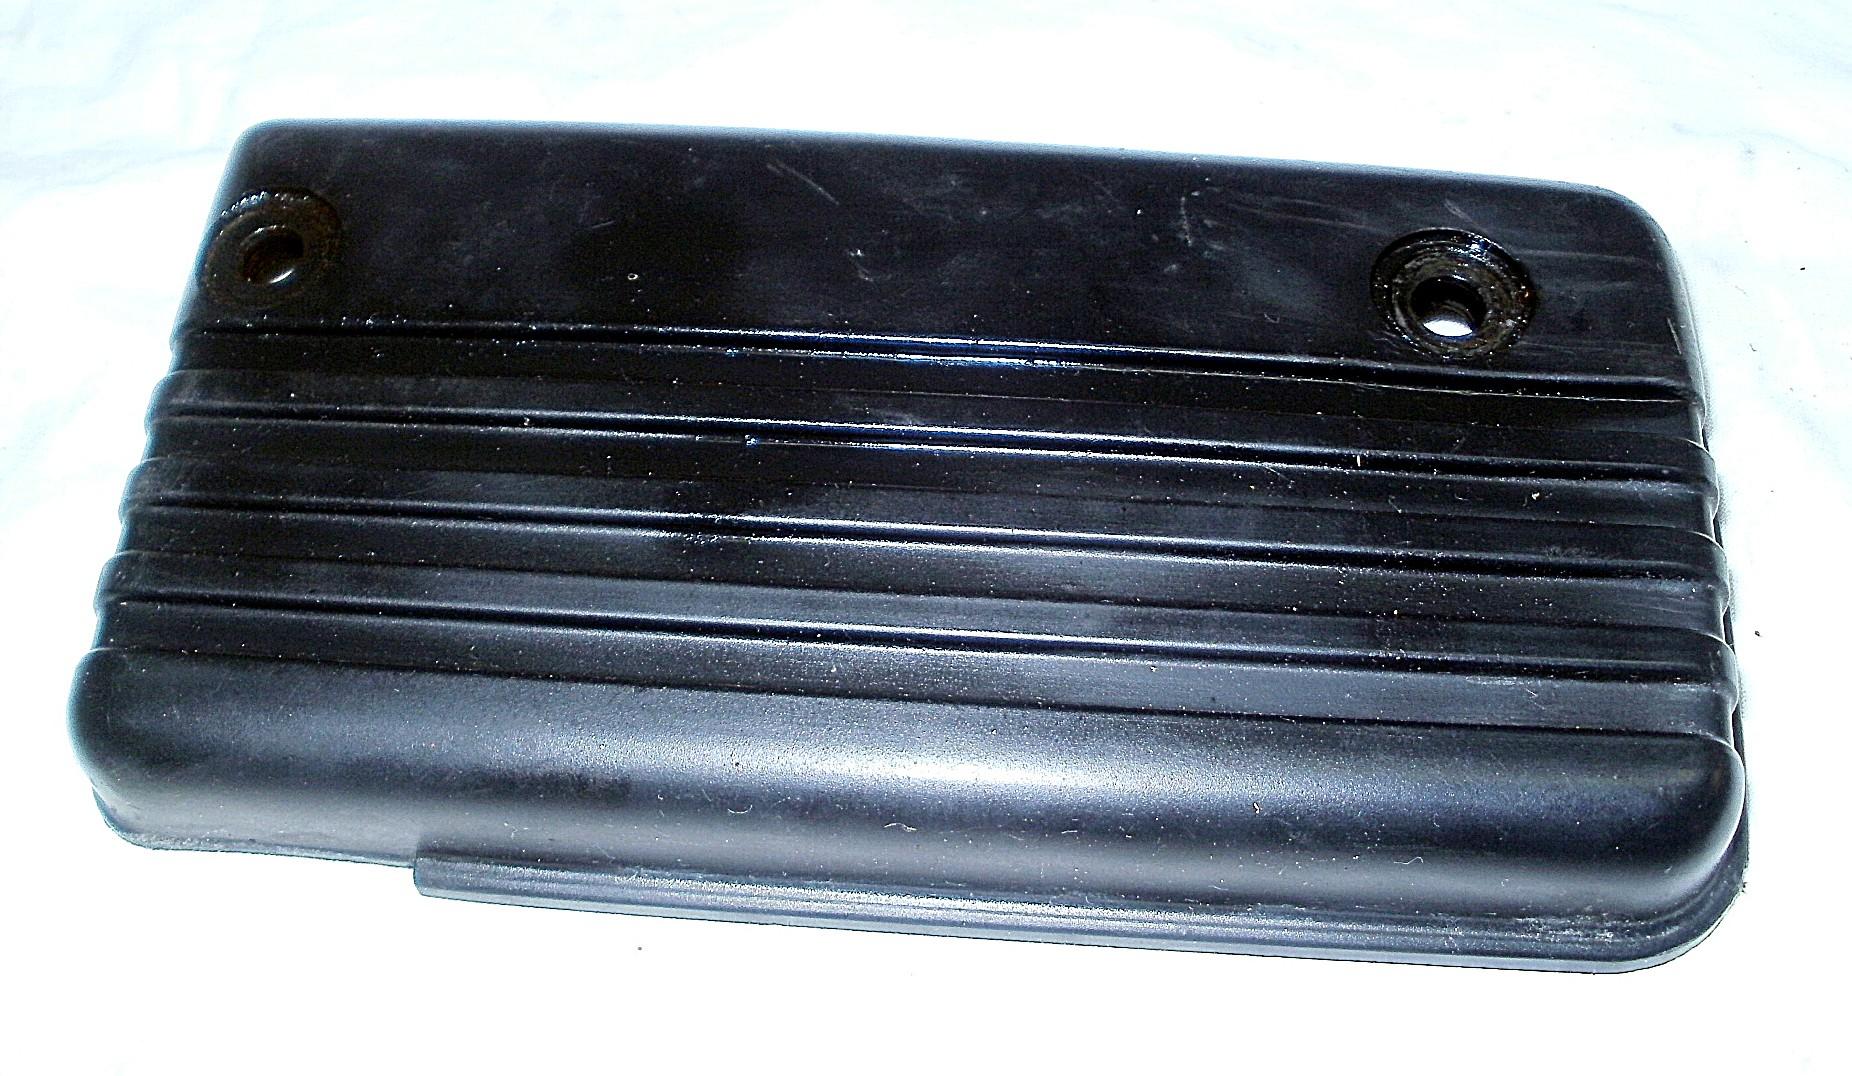 Anlasserdeckel, Motordeckel Kawasaki GPz 550 UT